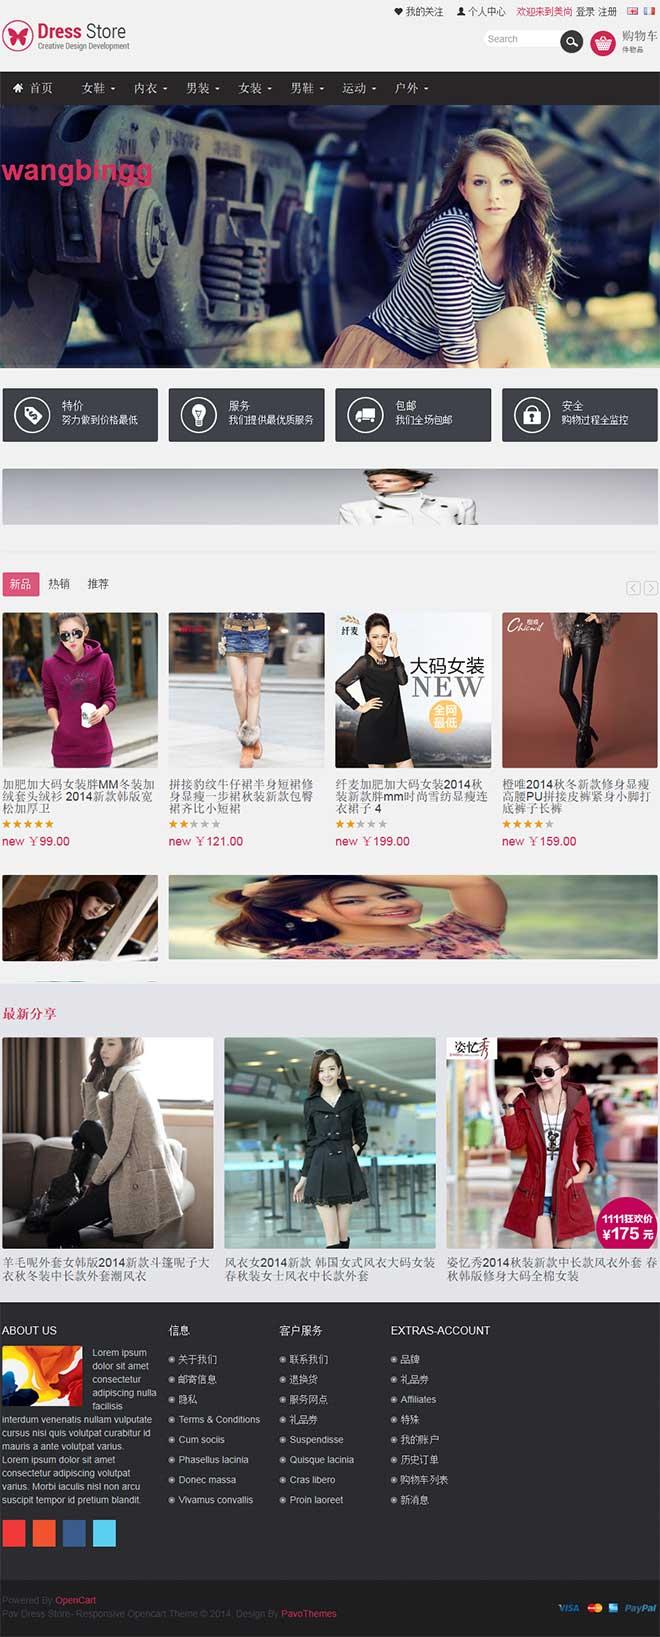 美尚网 php美图时尚网站源码 云盘免费下载